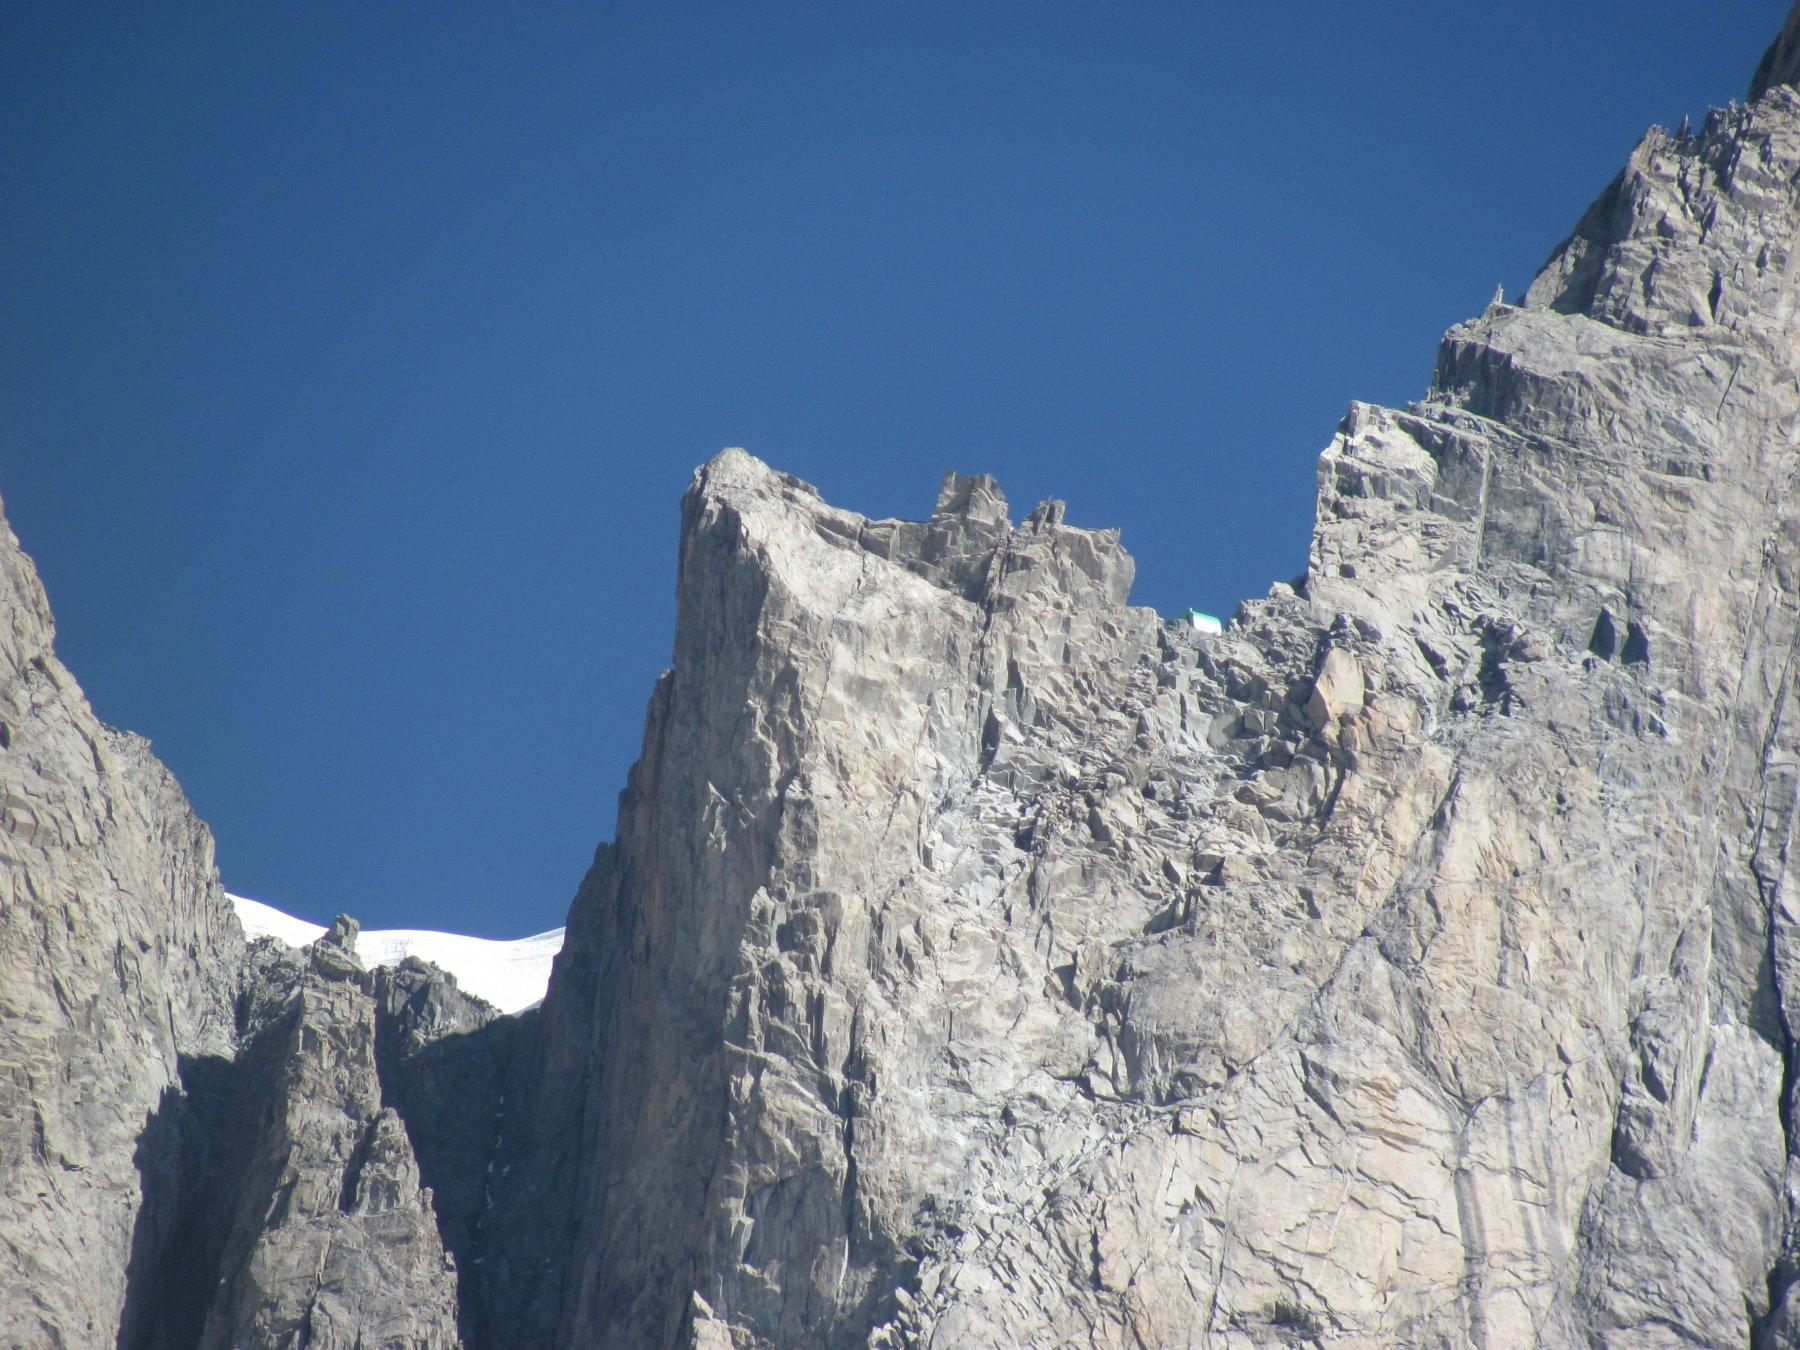 il bivacco Canzio (m, 3820), (visibile a ds della foto) visto dal punto panoramico sopra il rifugio